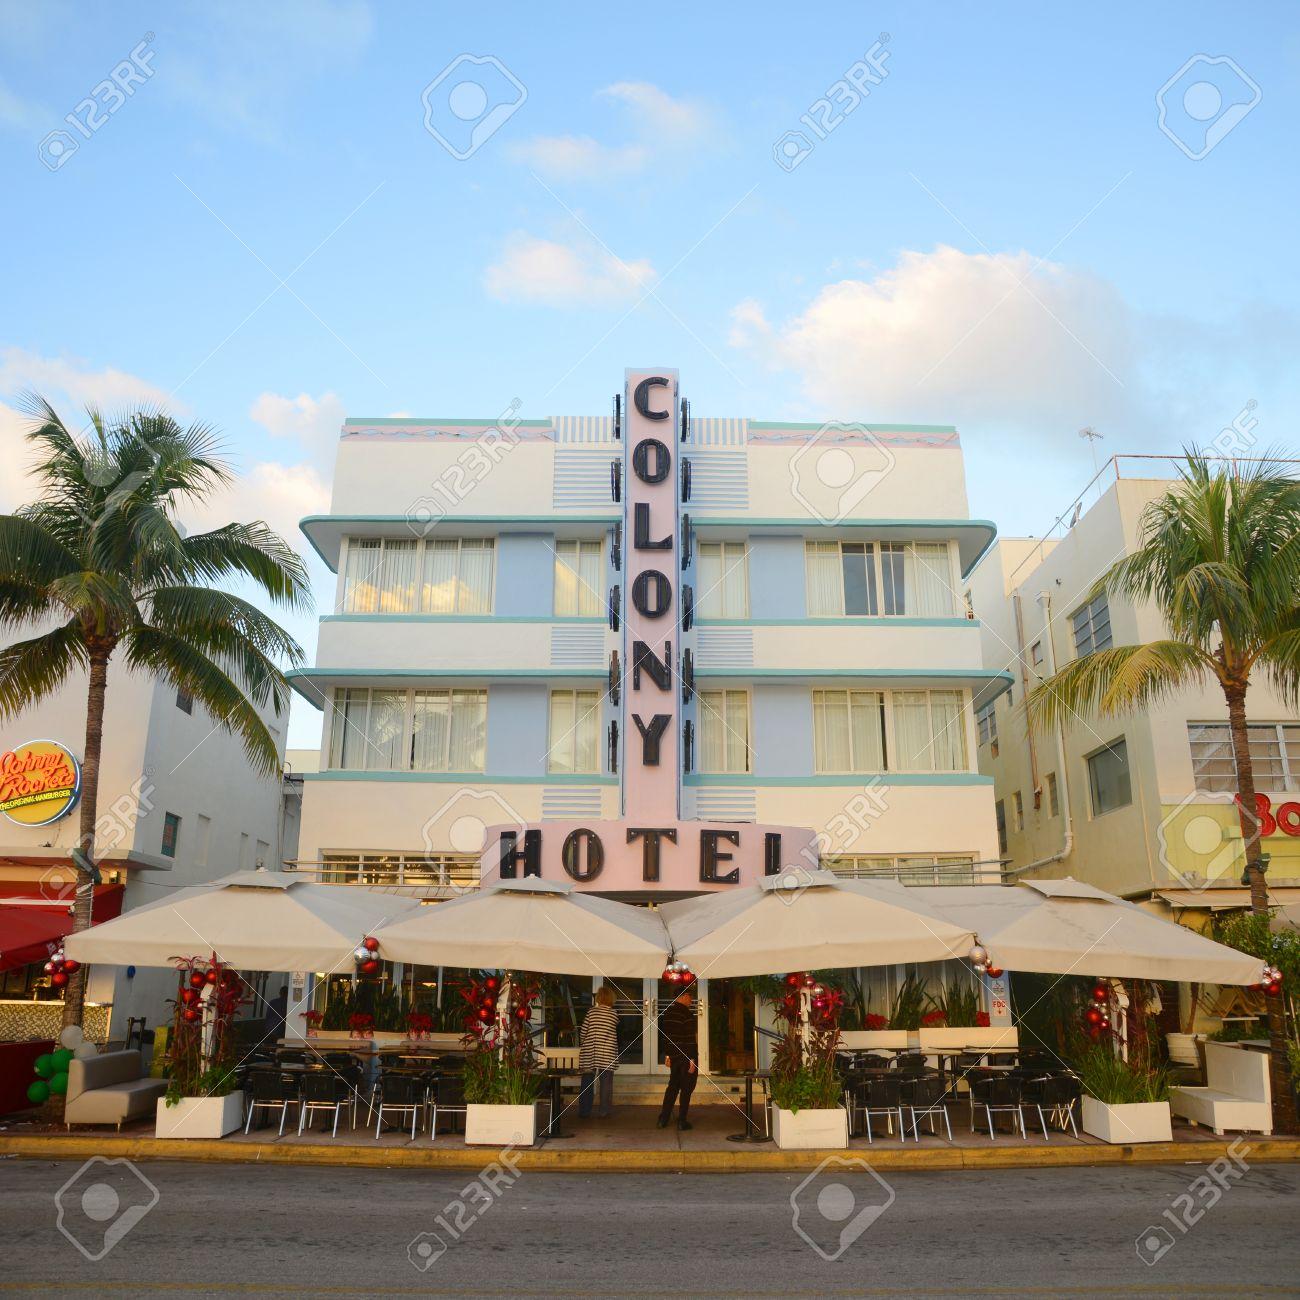 colony building with art deco style in miami beach miami florida